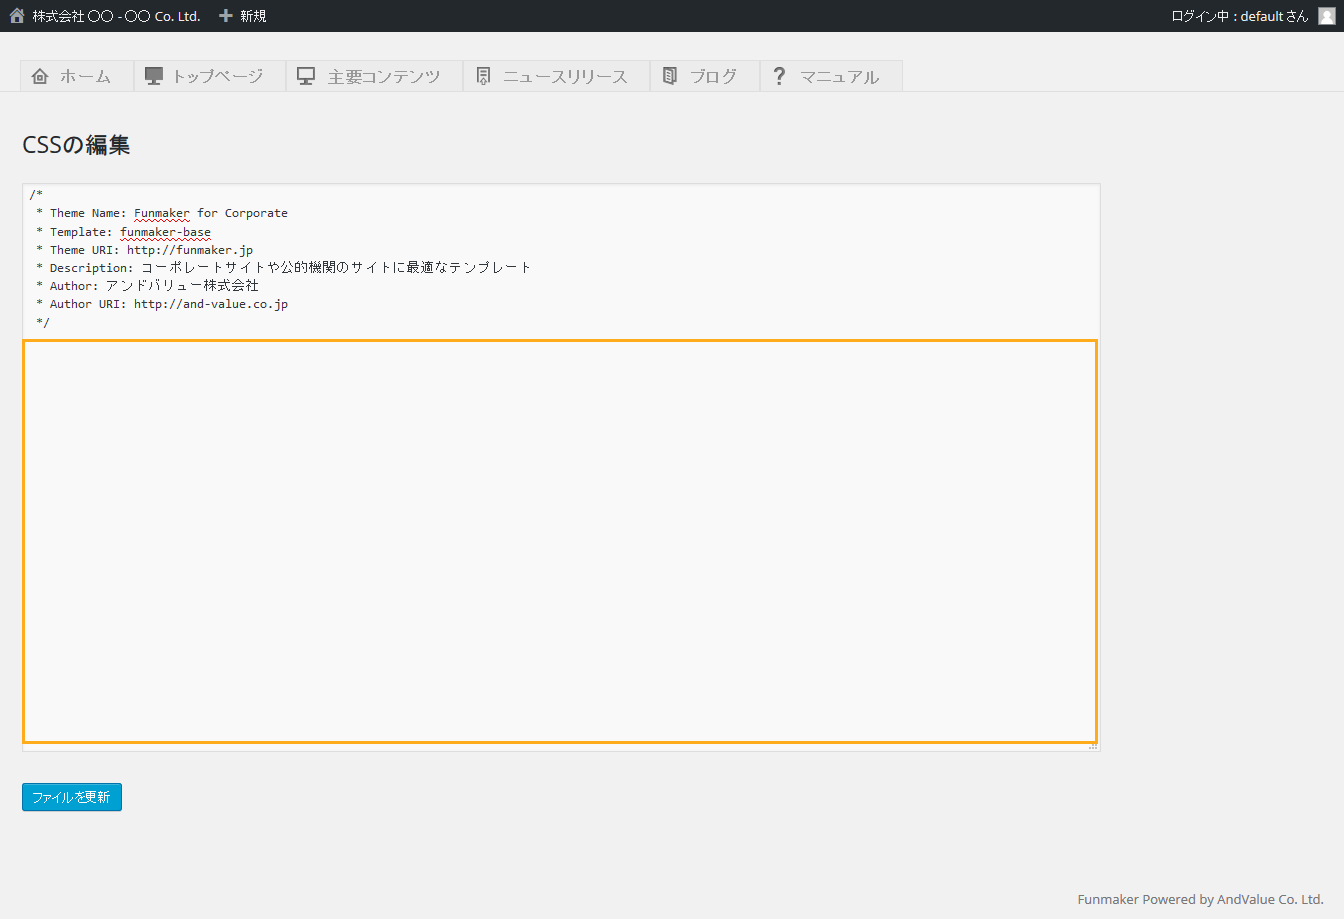 レイアウトの自由調整 - 簡単格安ホームページ作成会社 -FunMaker